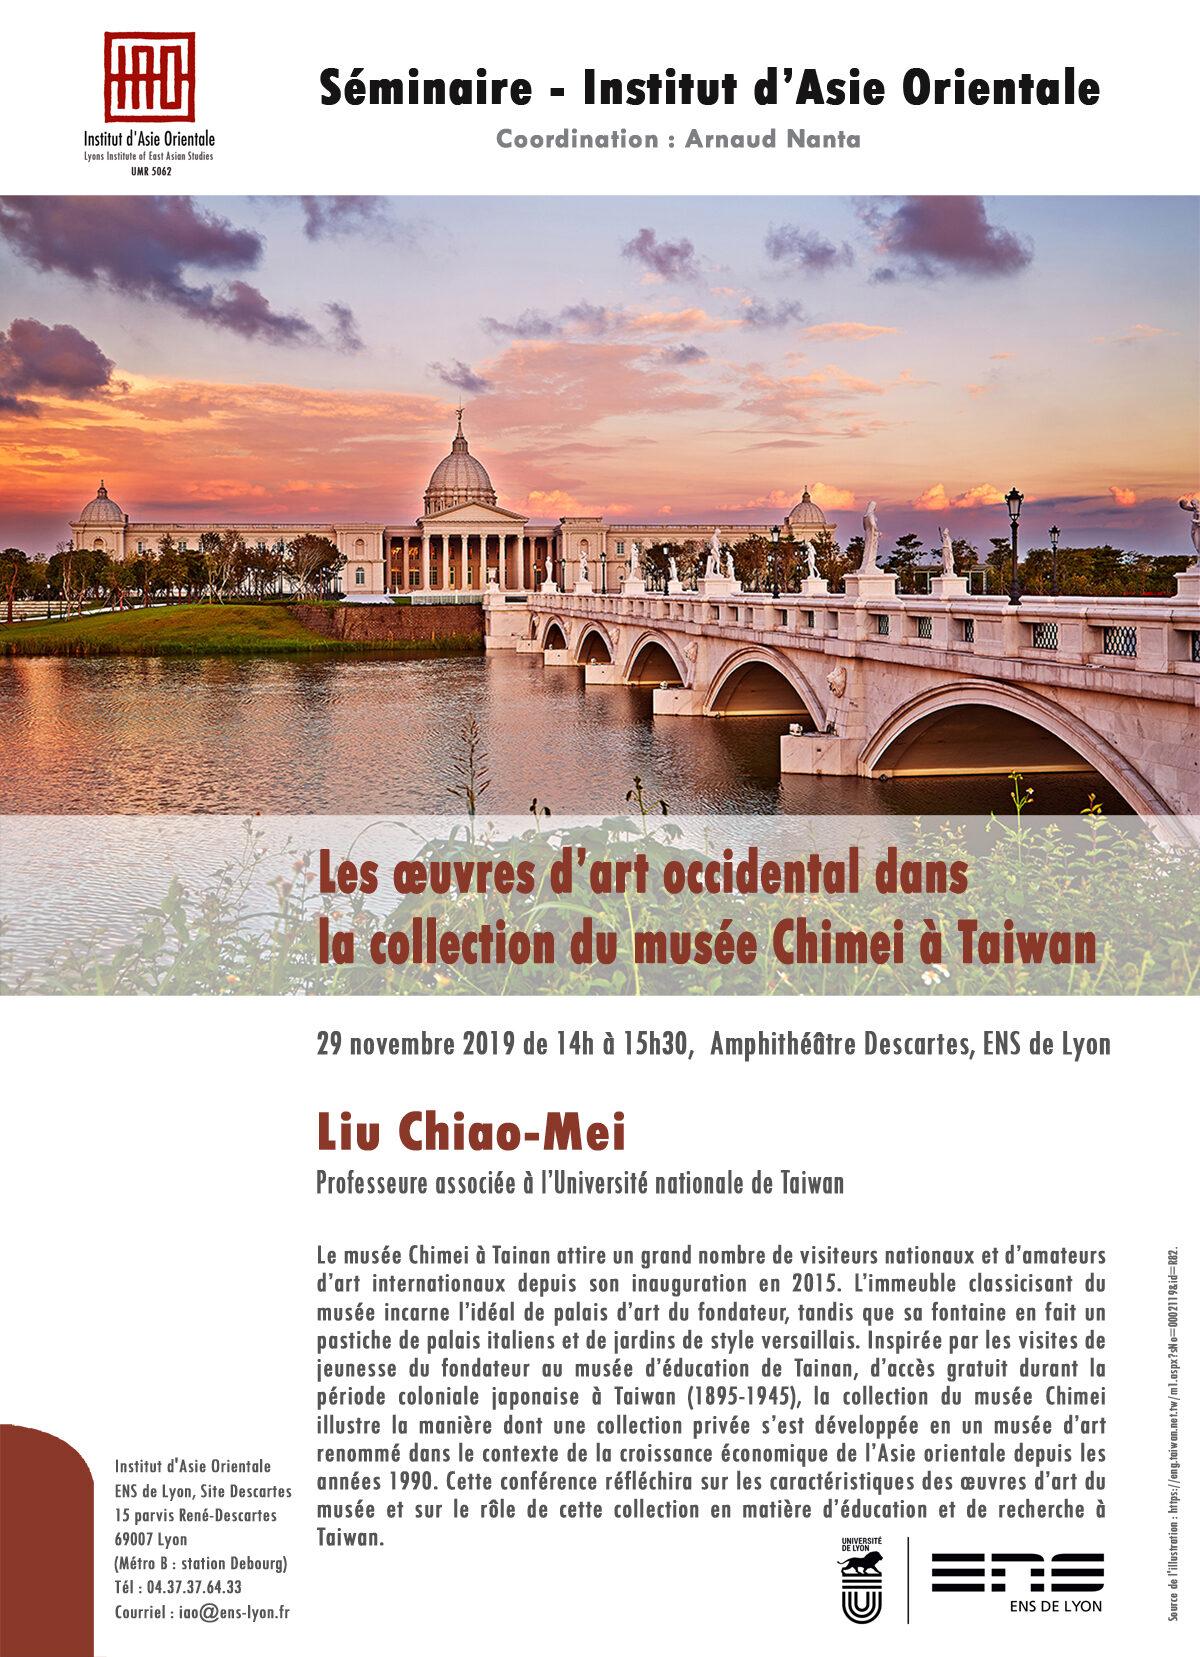 Séminaire de l'IAO. Les œuvres d'art occidental dans la collection du musée Chimei à Taiwan